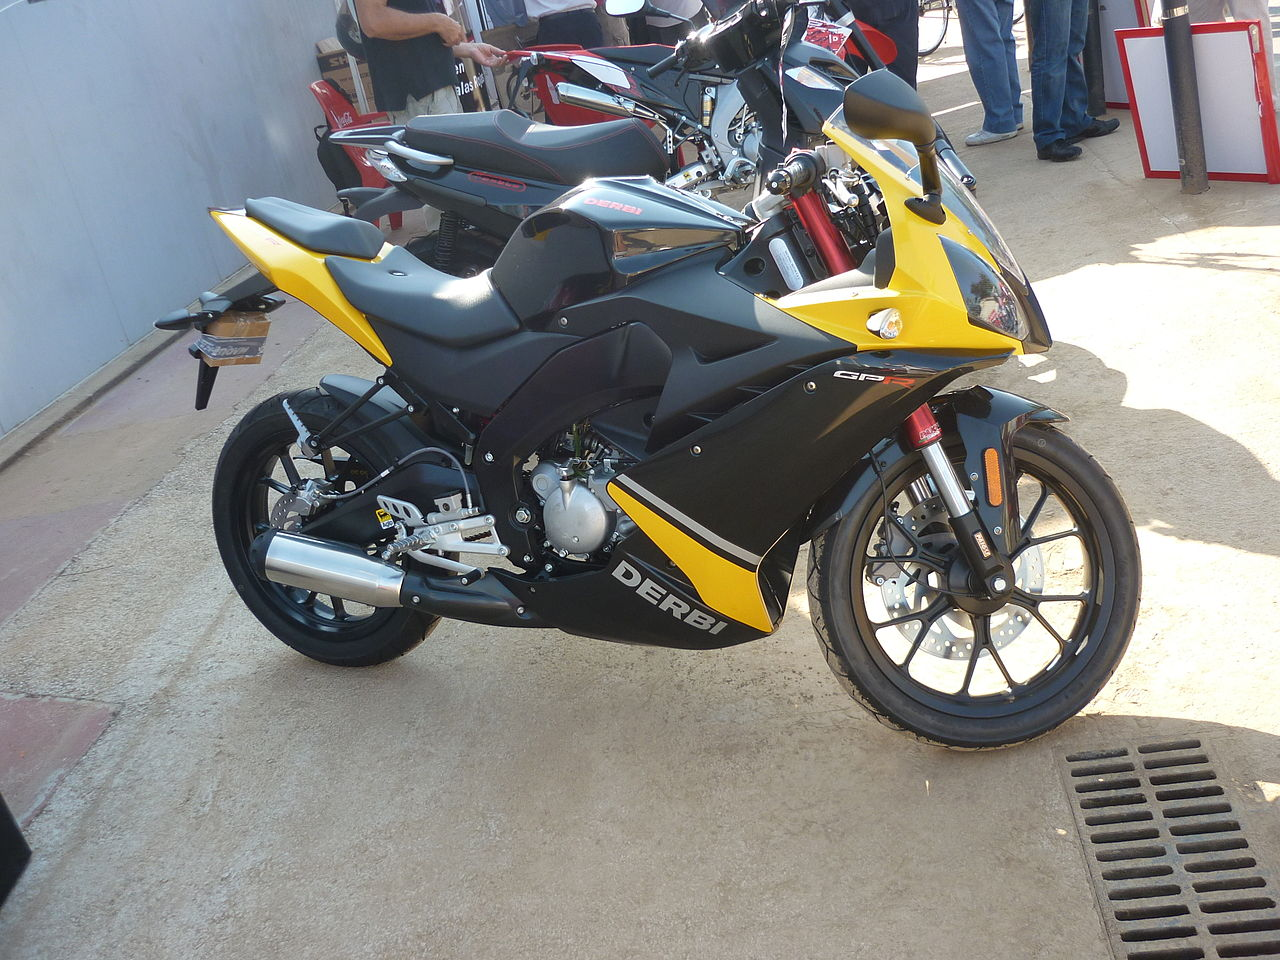 Buy Yamaha Parts